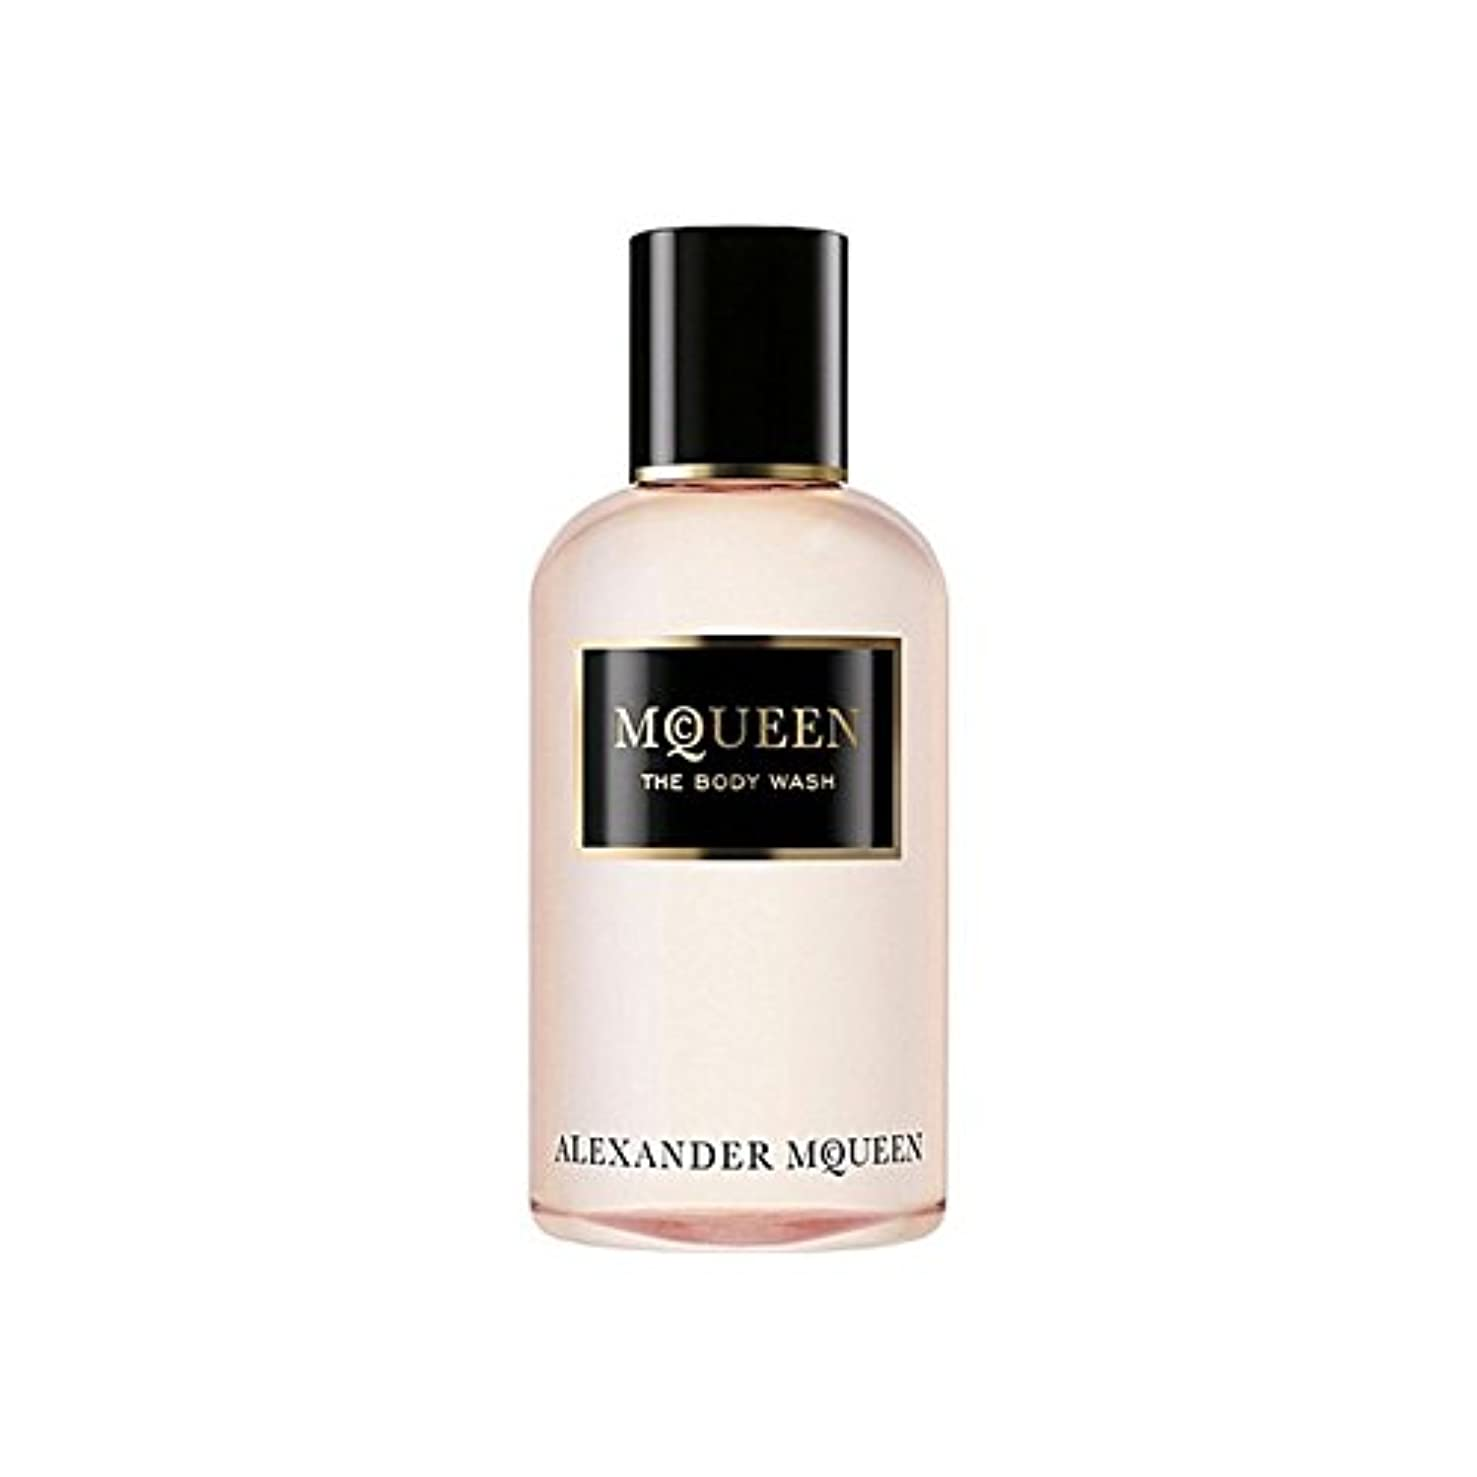 花瓶敬なジュラシックパークAlexander McQueen Amq Mcqueen Eau De Parfum Shower Gel 250ml - アレキサンダーマックイーンマックイーンオードパルファムシャワージェル250ミリリットル [並行輸入品]